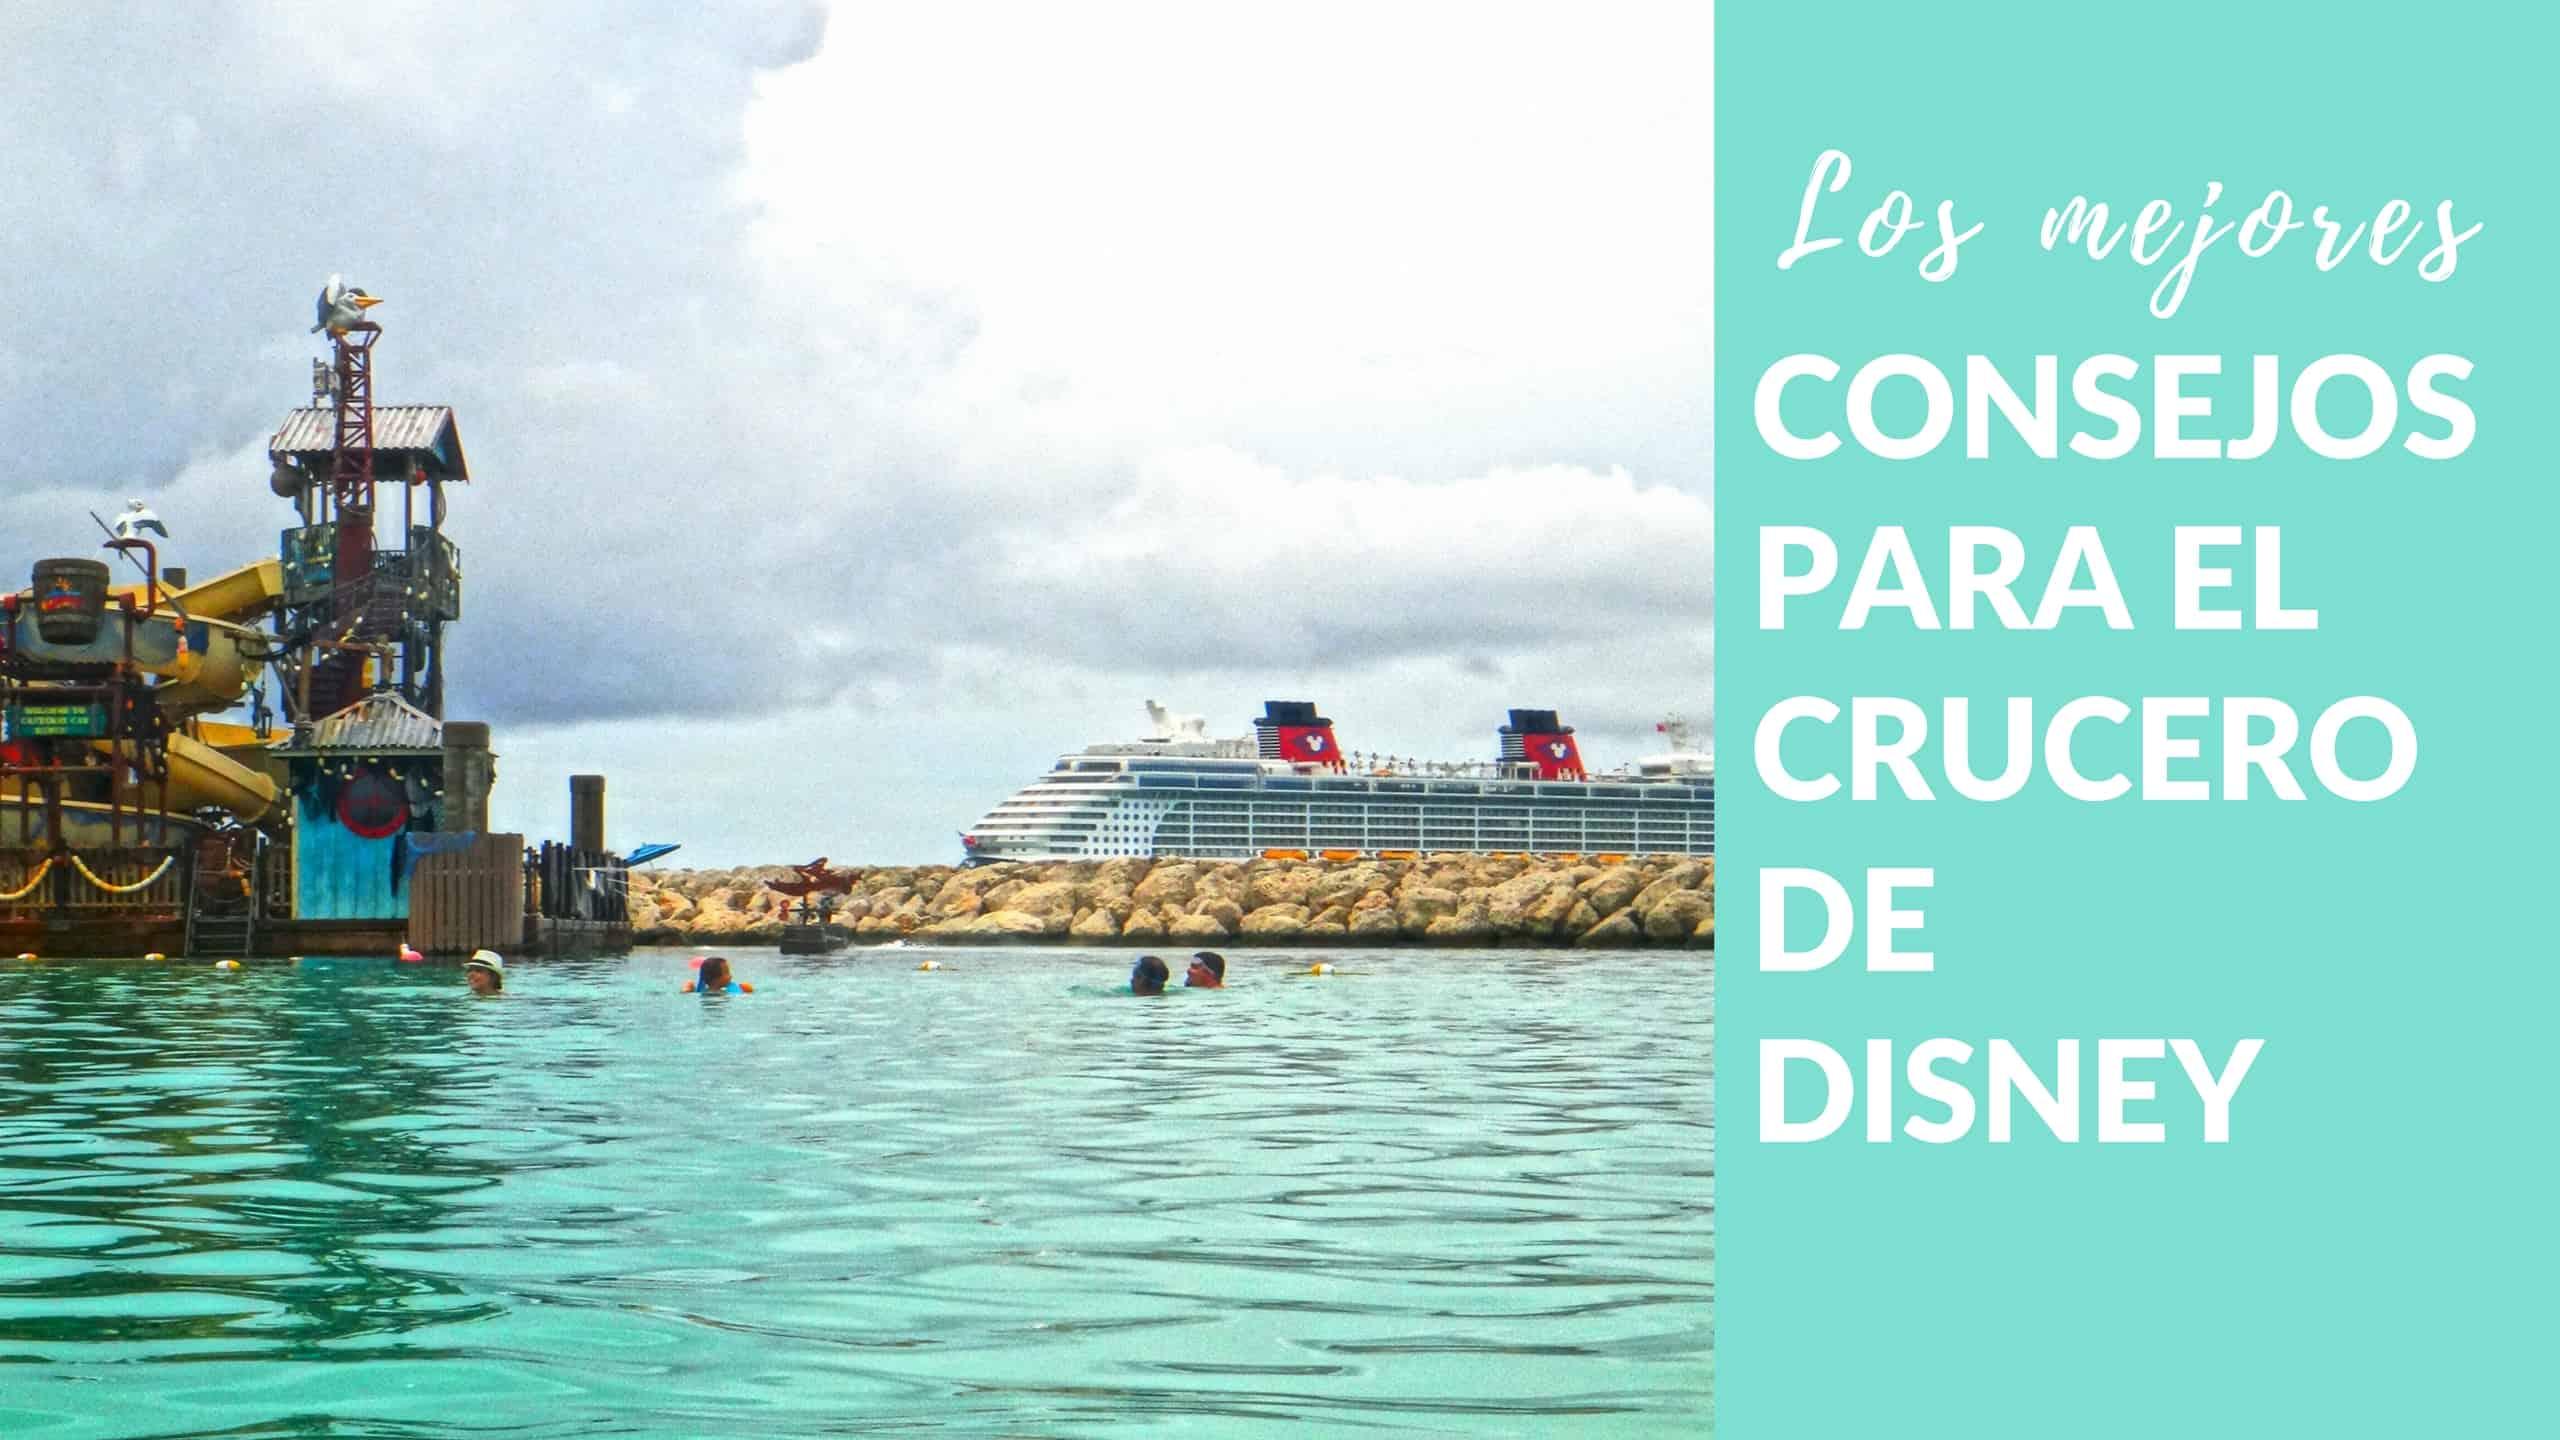 Video: los mejores consejos para el Disney Cruise - Hispana Global